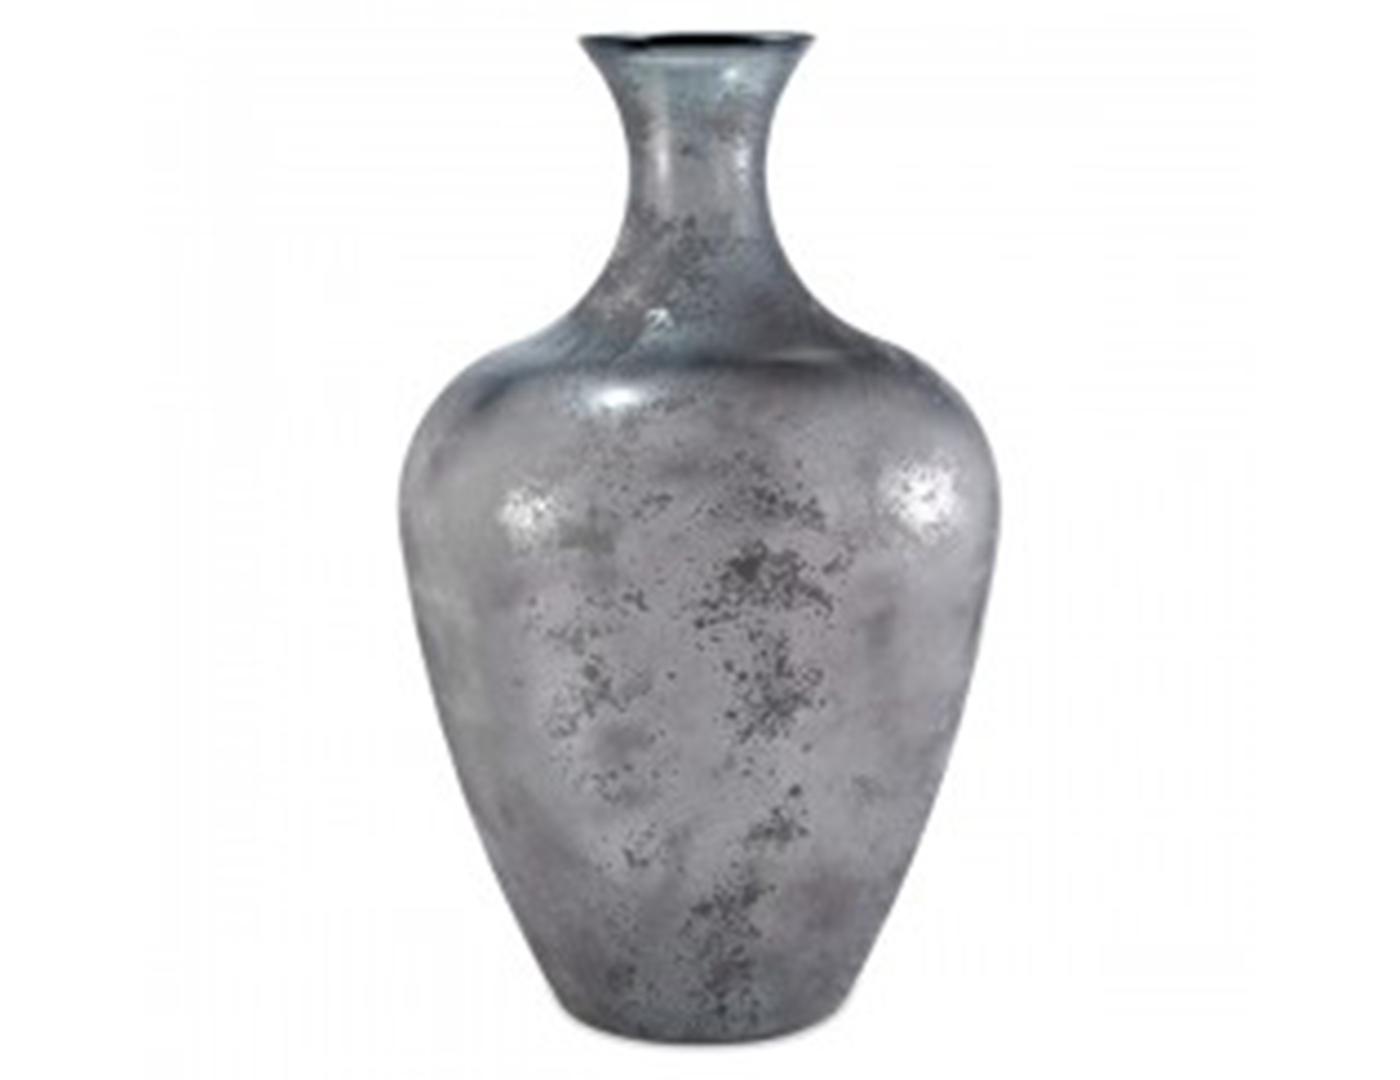 Steinhafels Large Grey Floor Vase